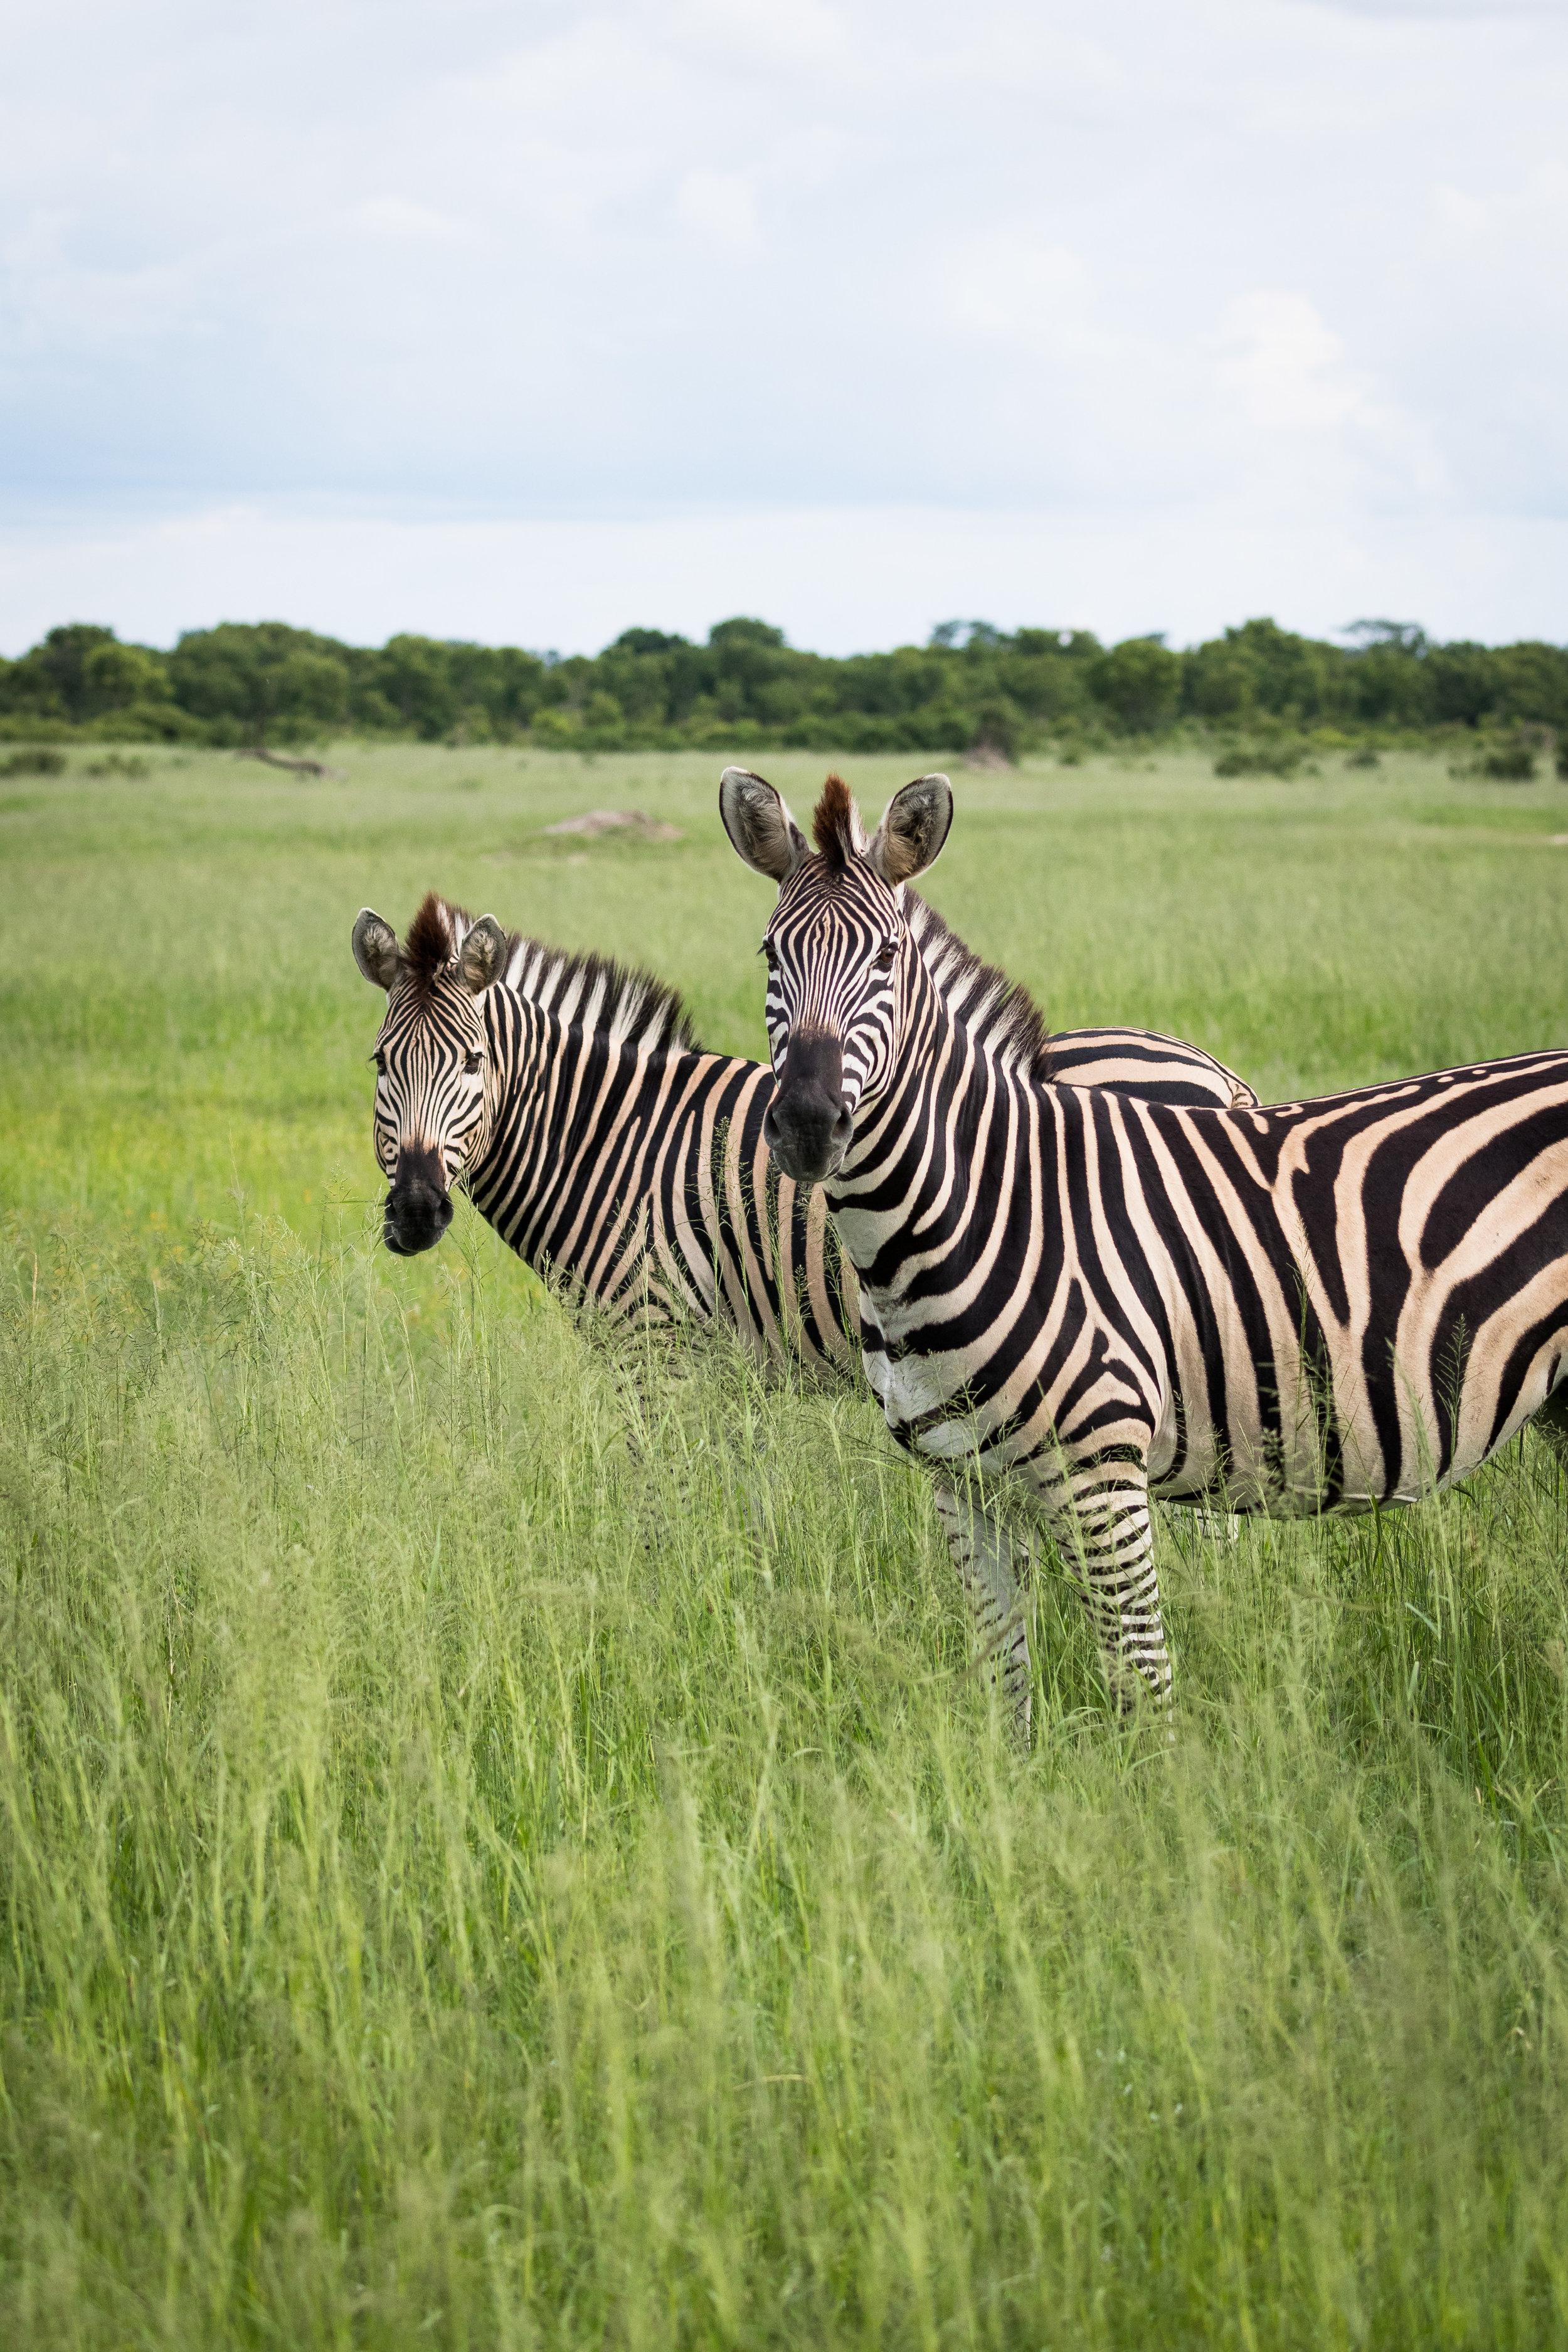 Two Zebras Hwange National Park, Zimbabwe